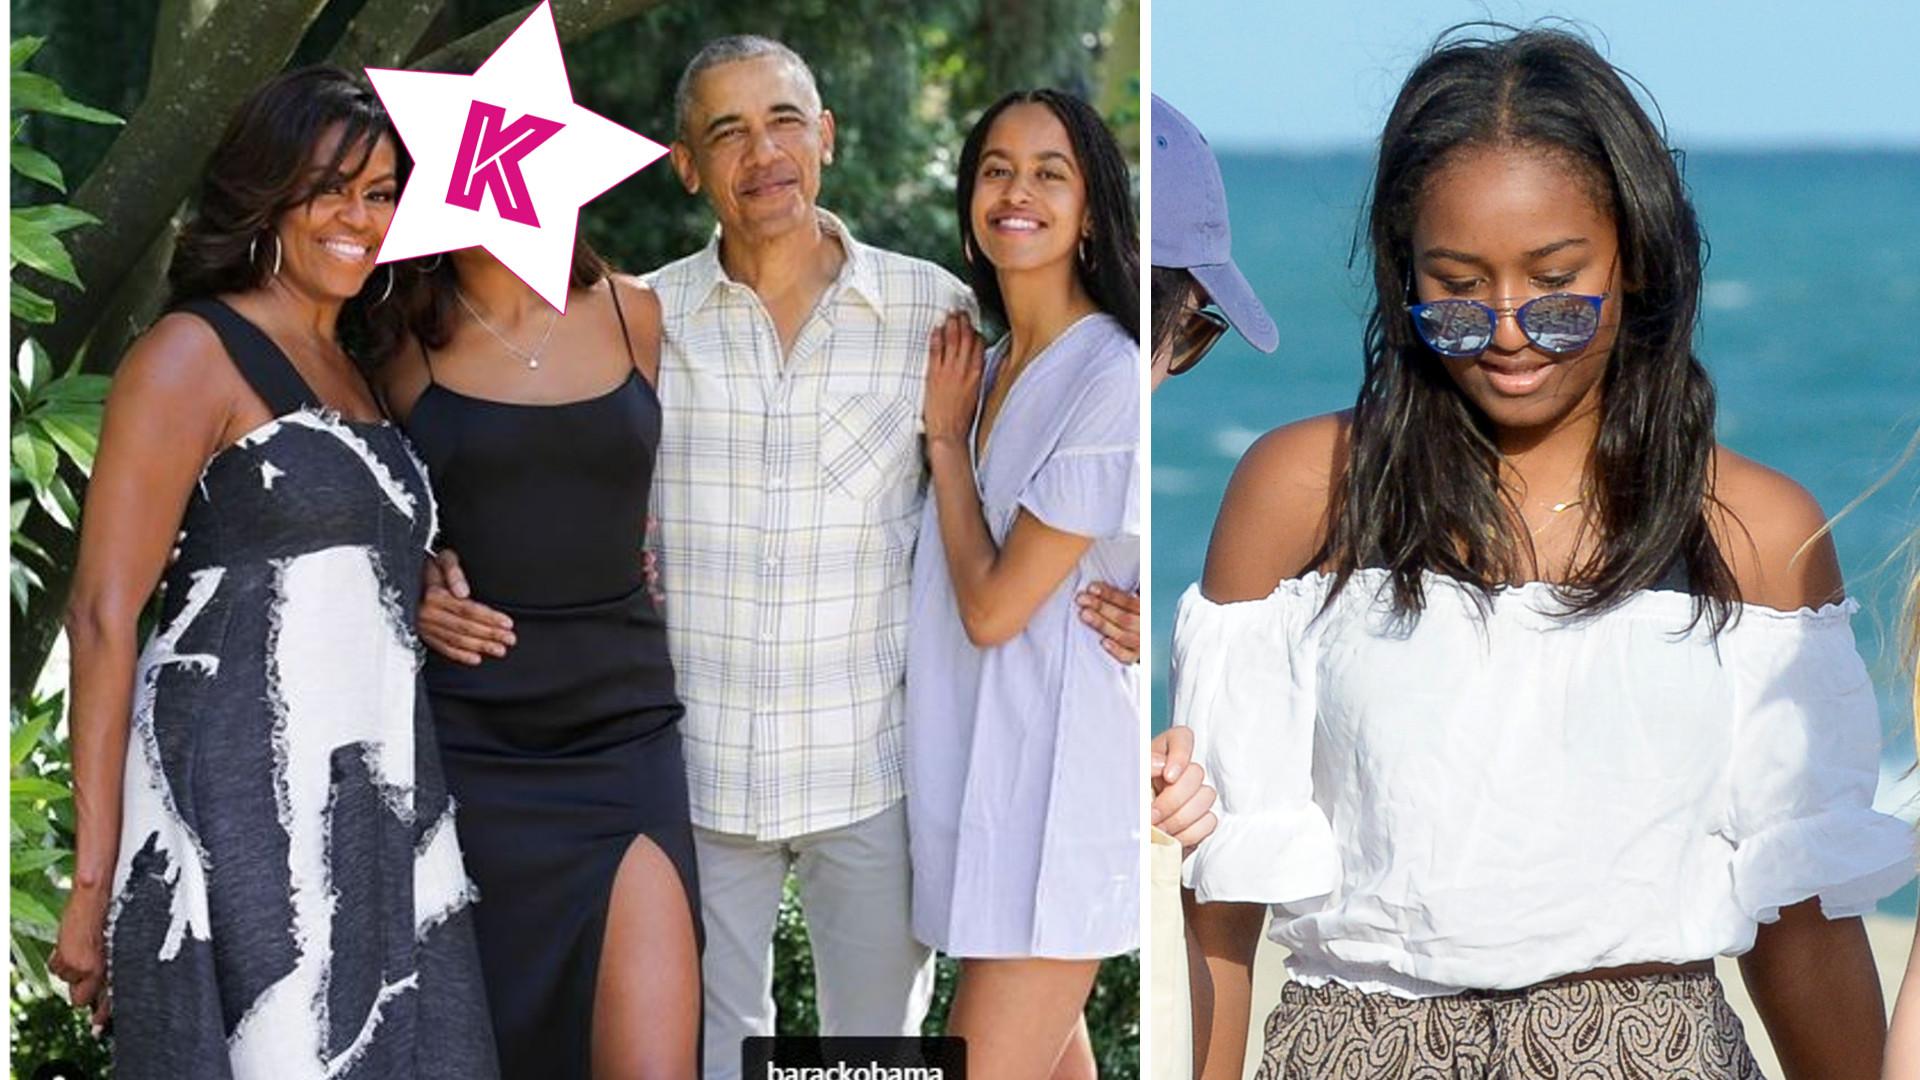 WOW! Młodsza córka Obamy, Sasha, wyrosła na piękną kobietę – mama Michelle pokazała nowe zdjęcie